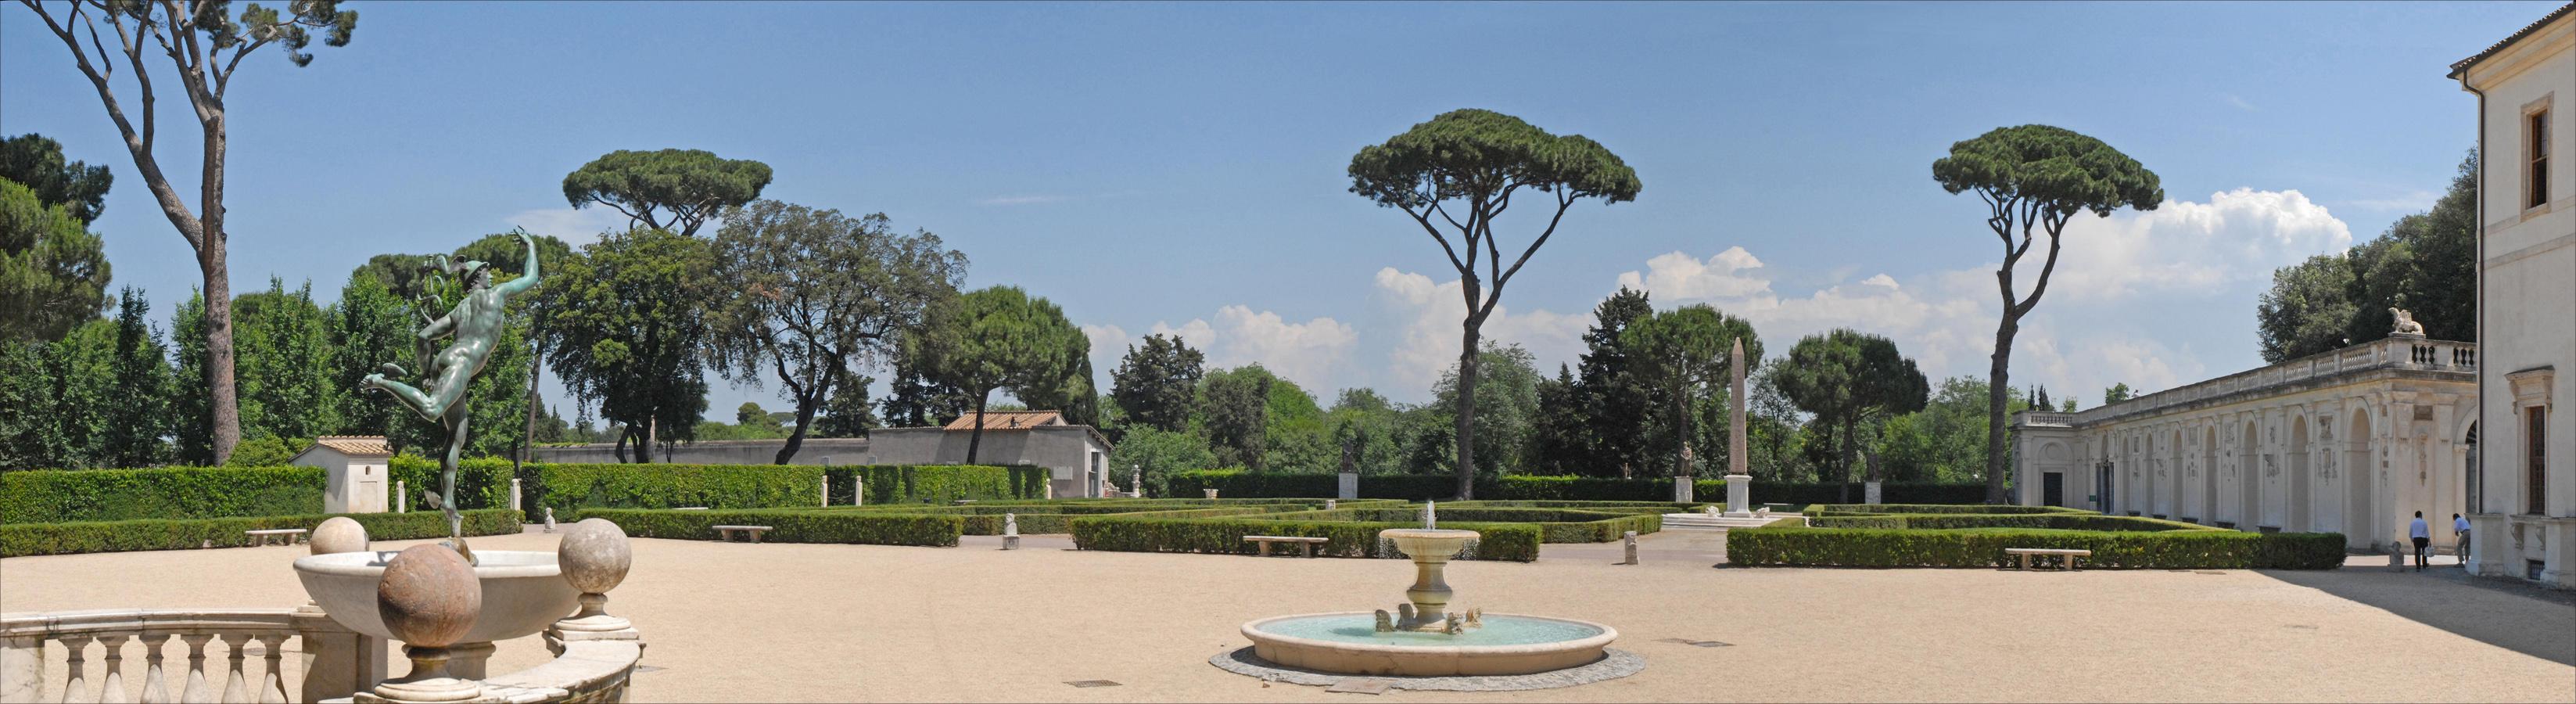 la-piazzale-de-la-villa-medicis-rome-5842682915-